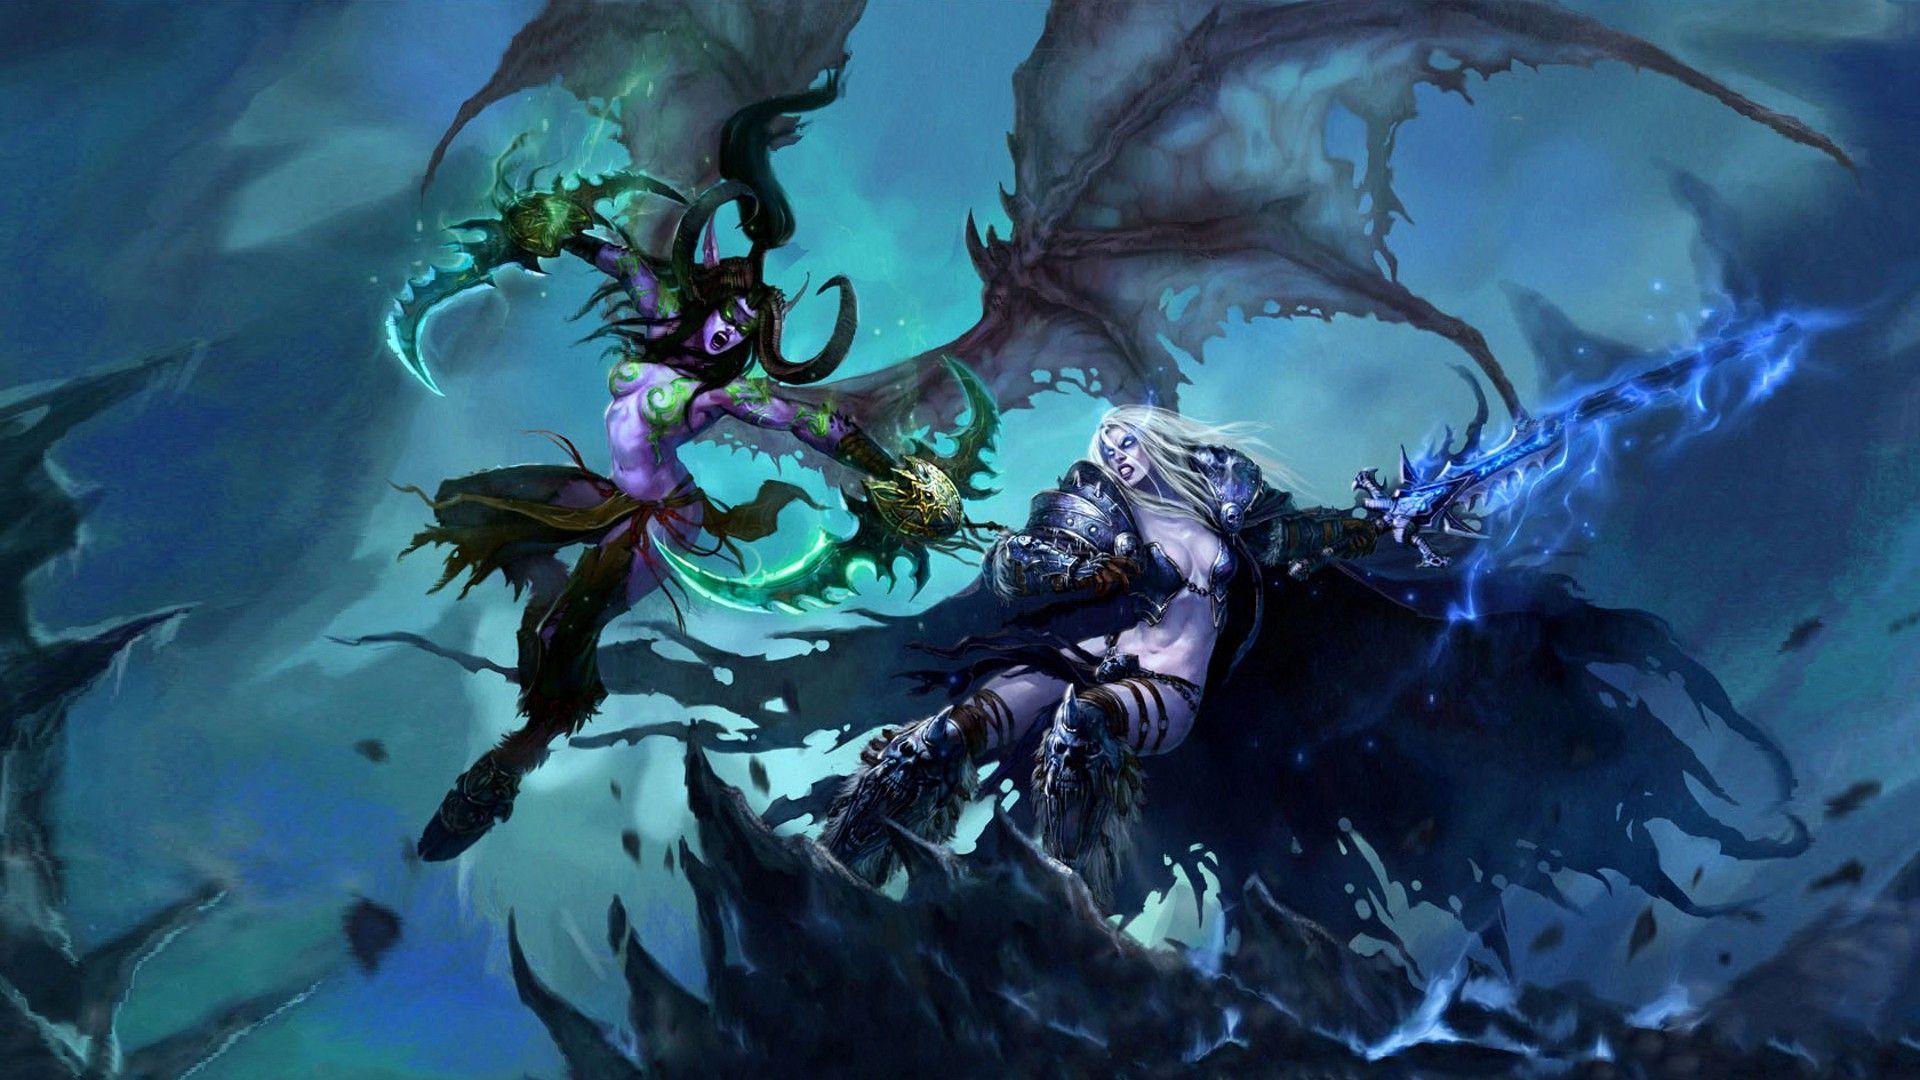 Free Download World Of Warcraft Wallpaper Sylvanas